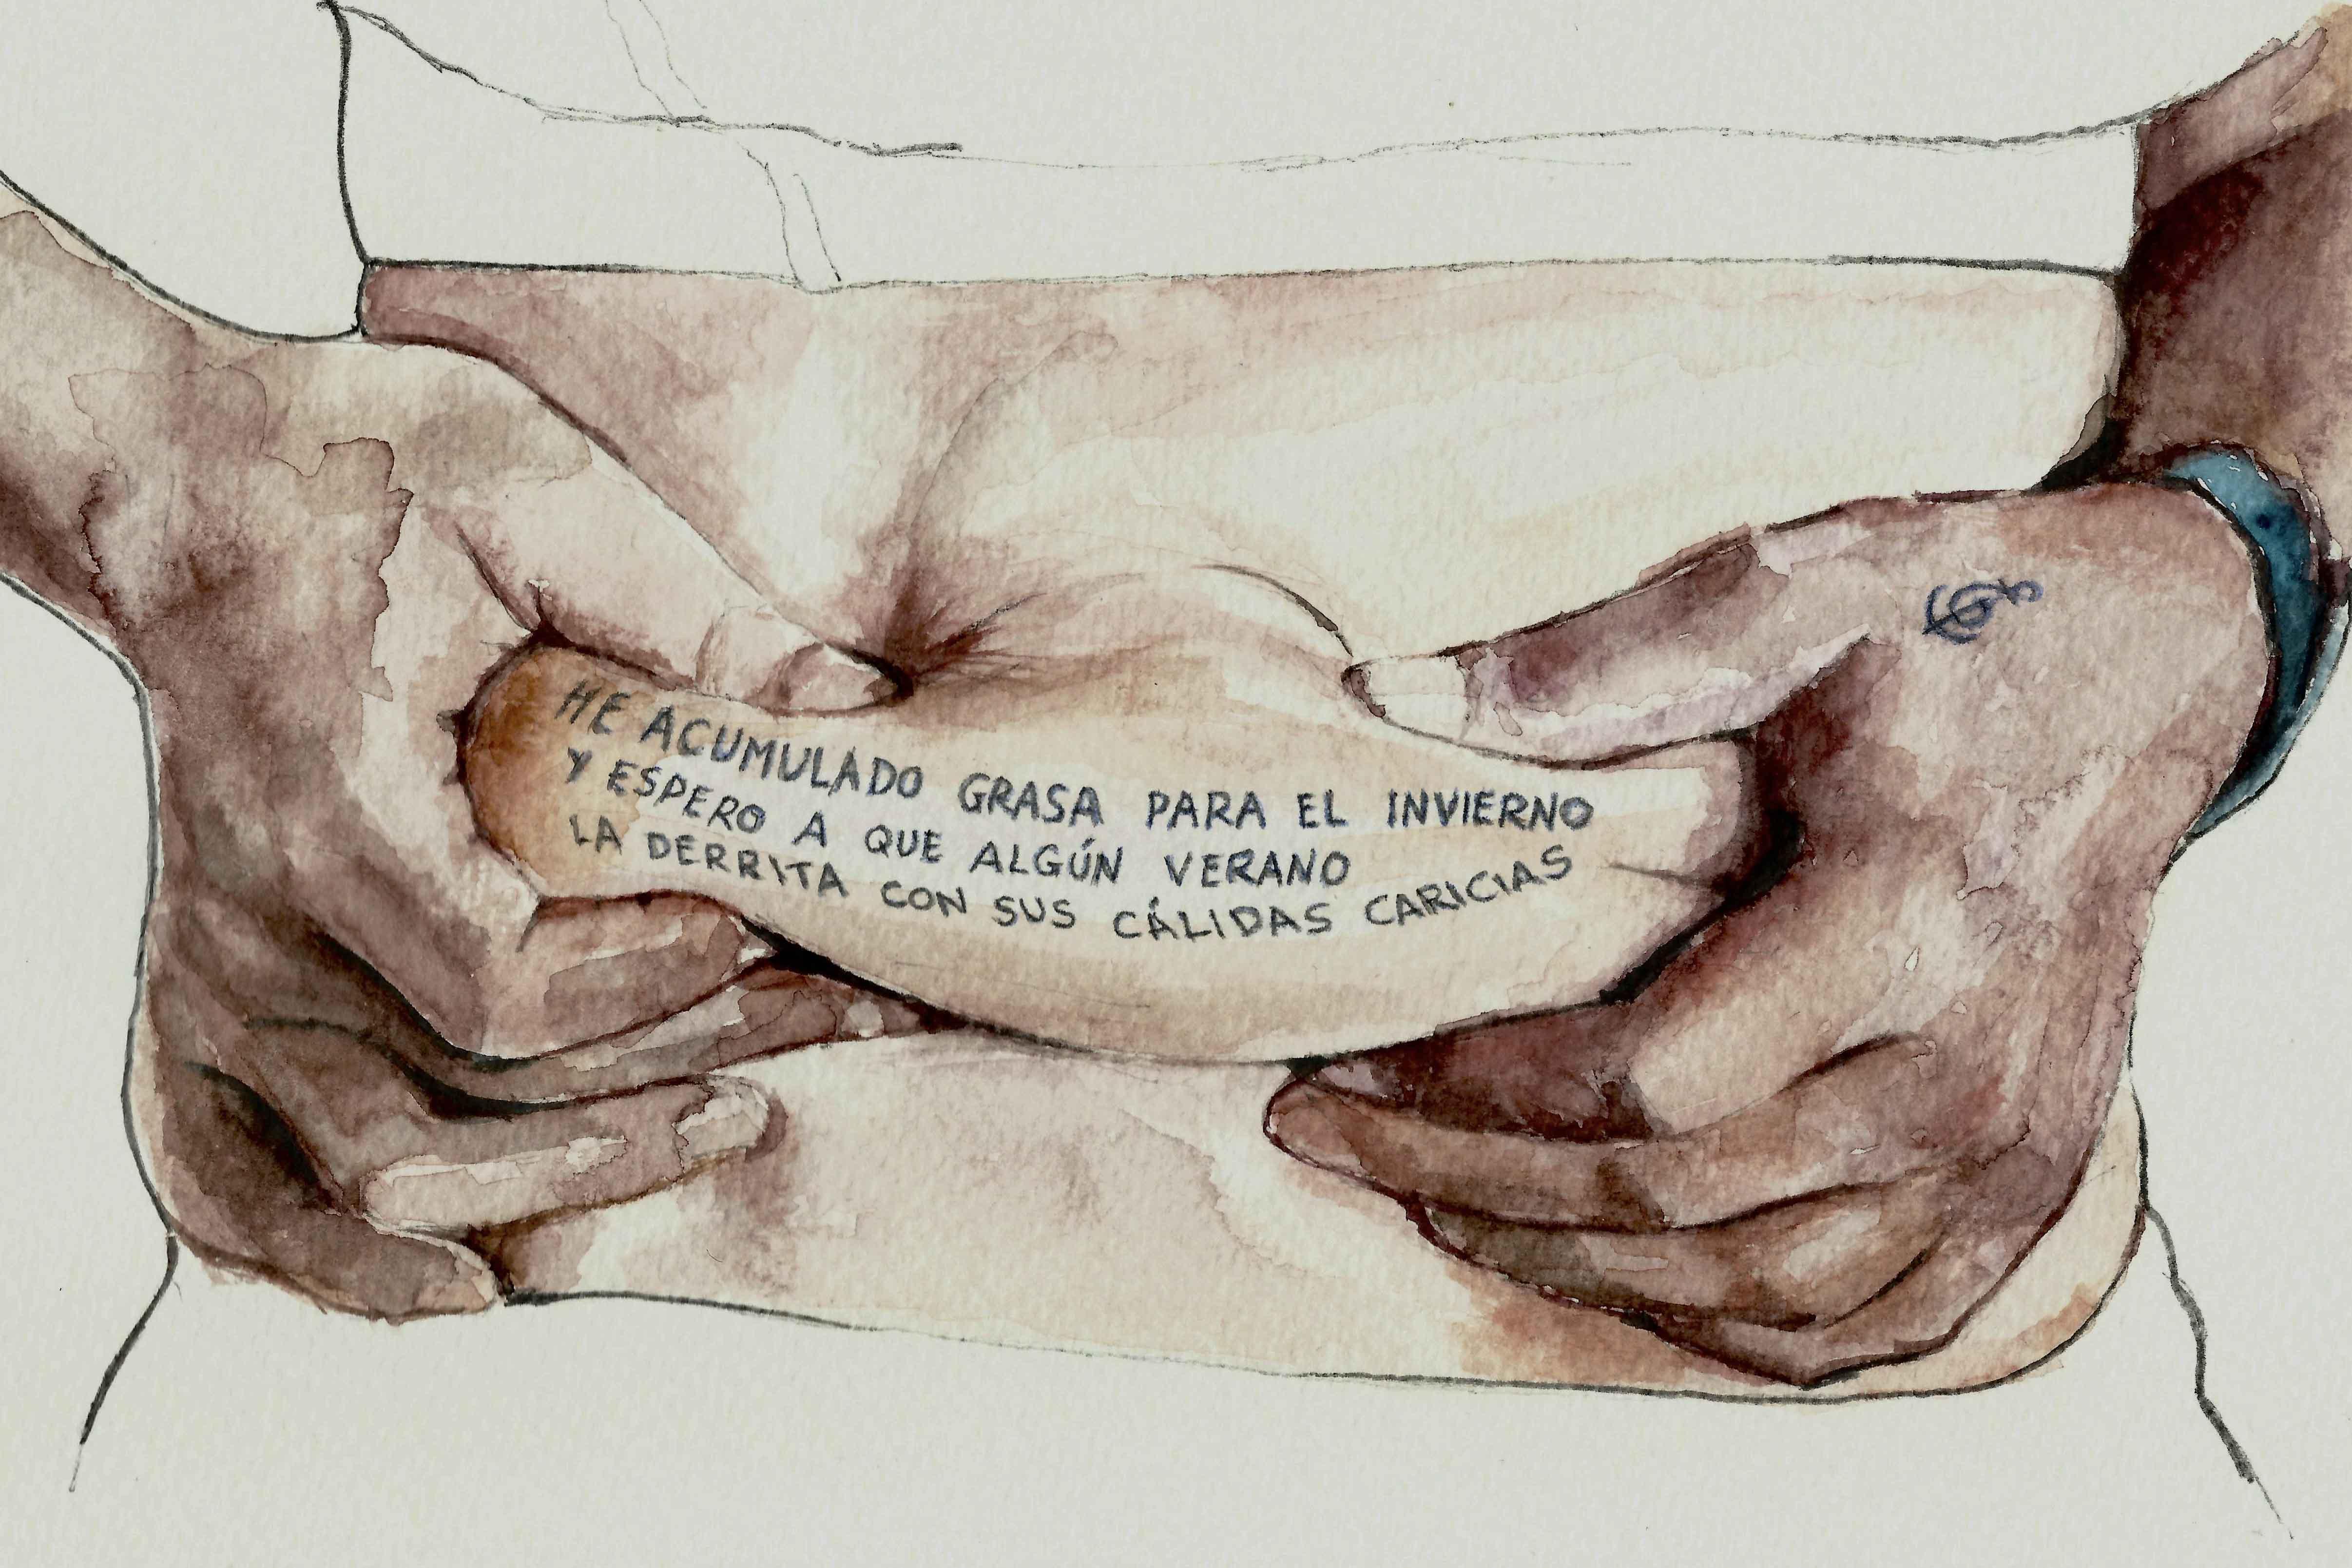 grasa-spanish-sghame-culba02